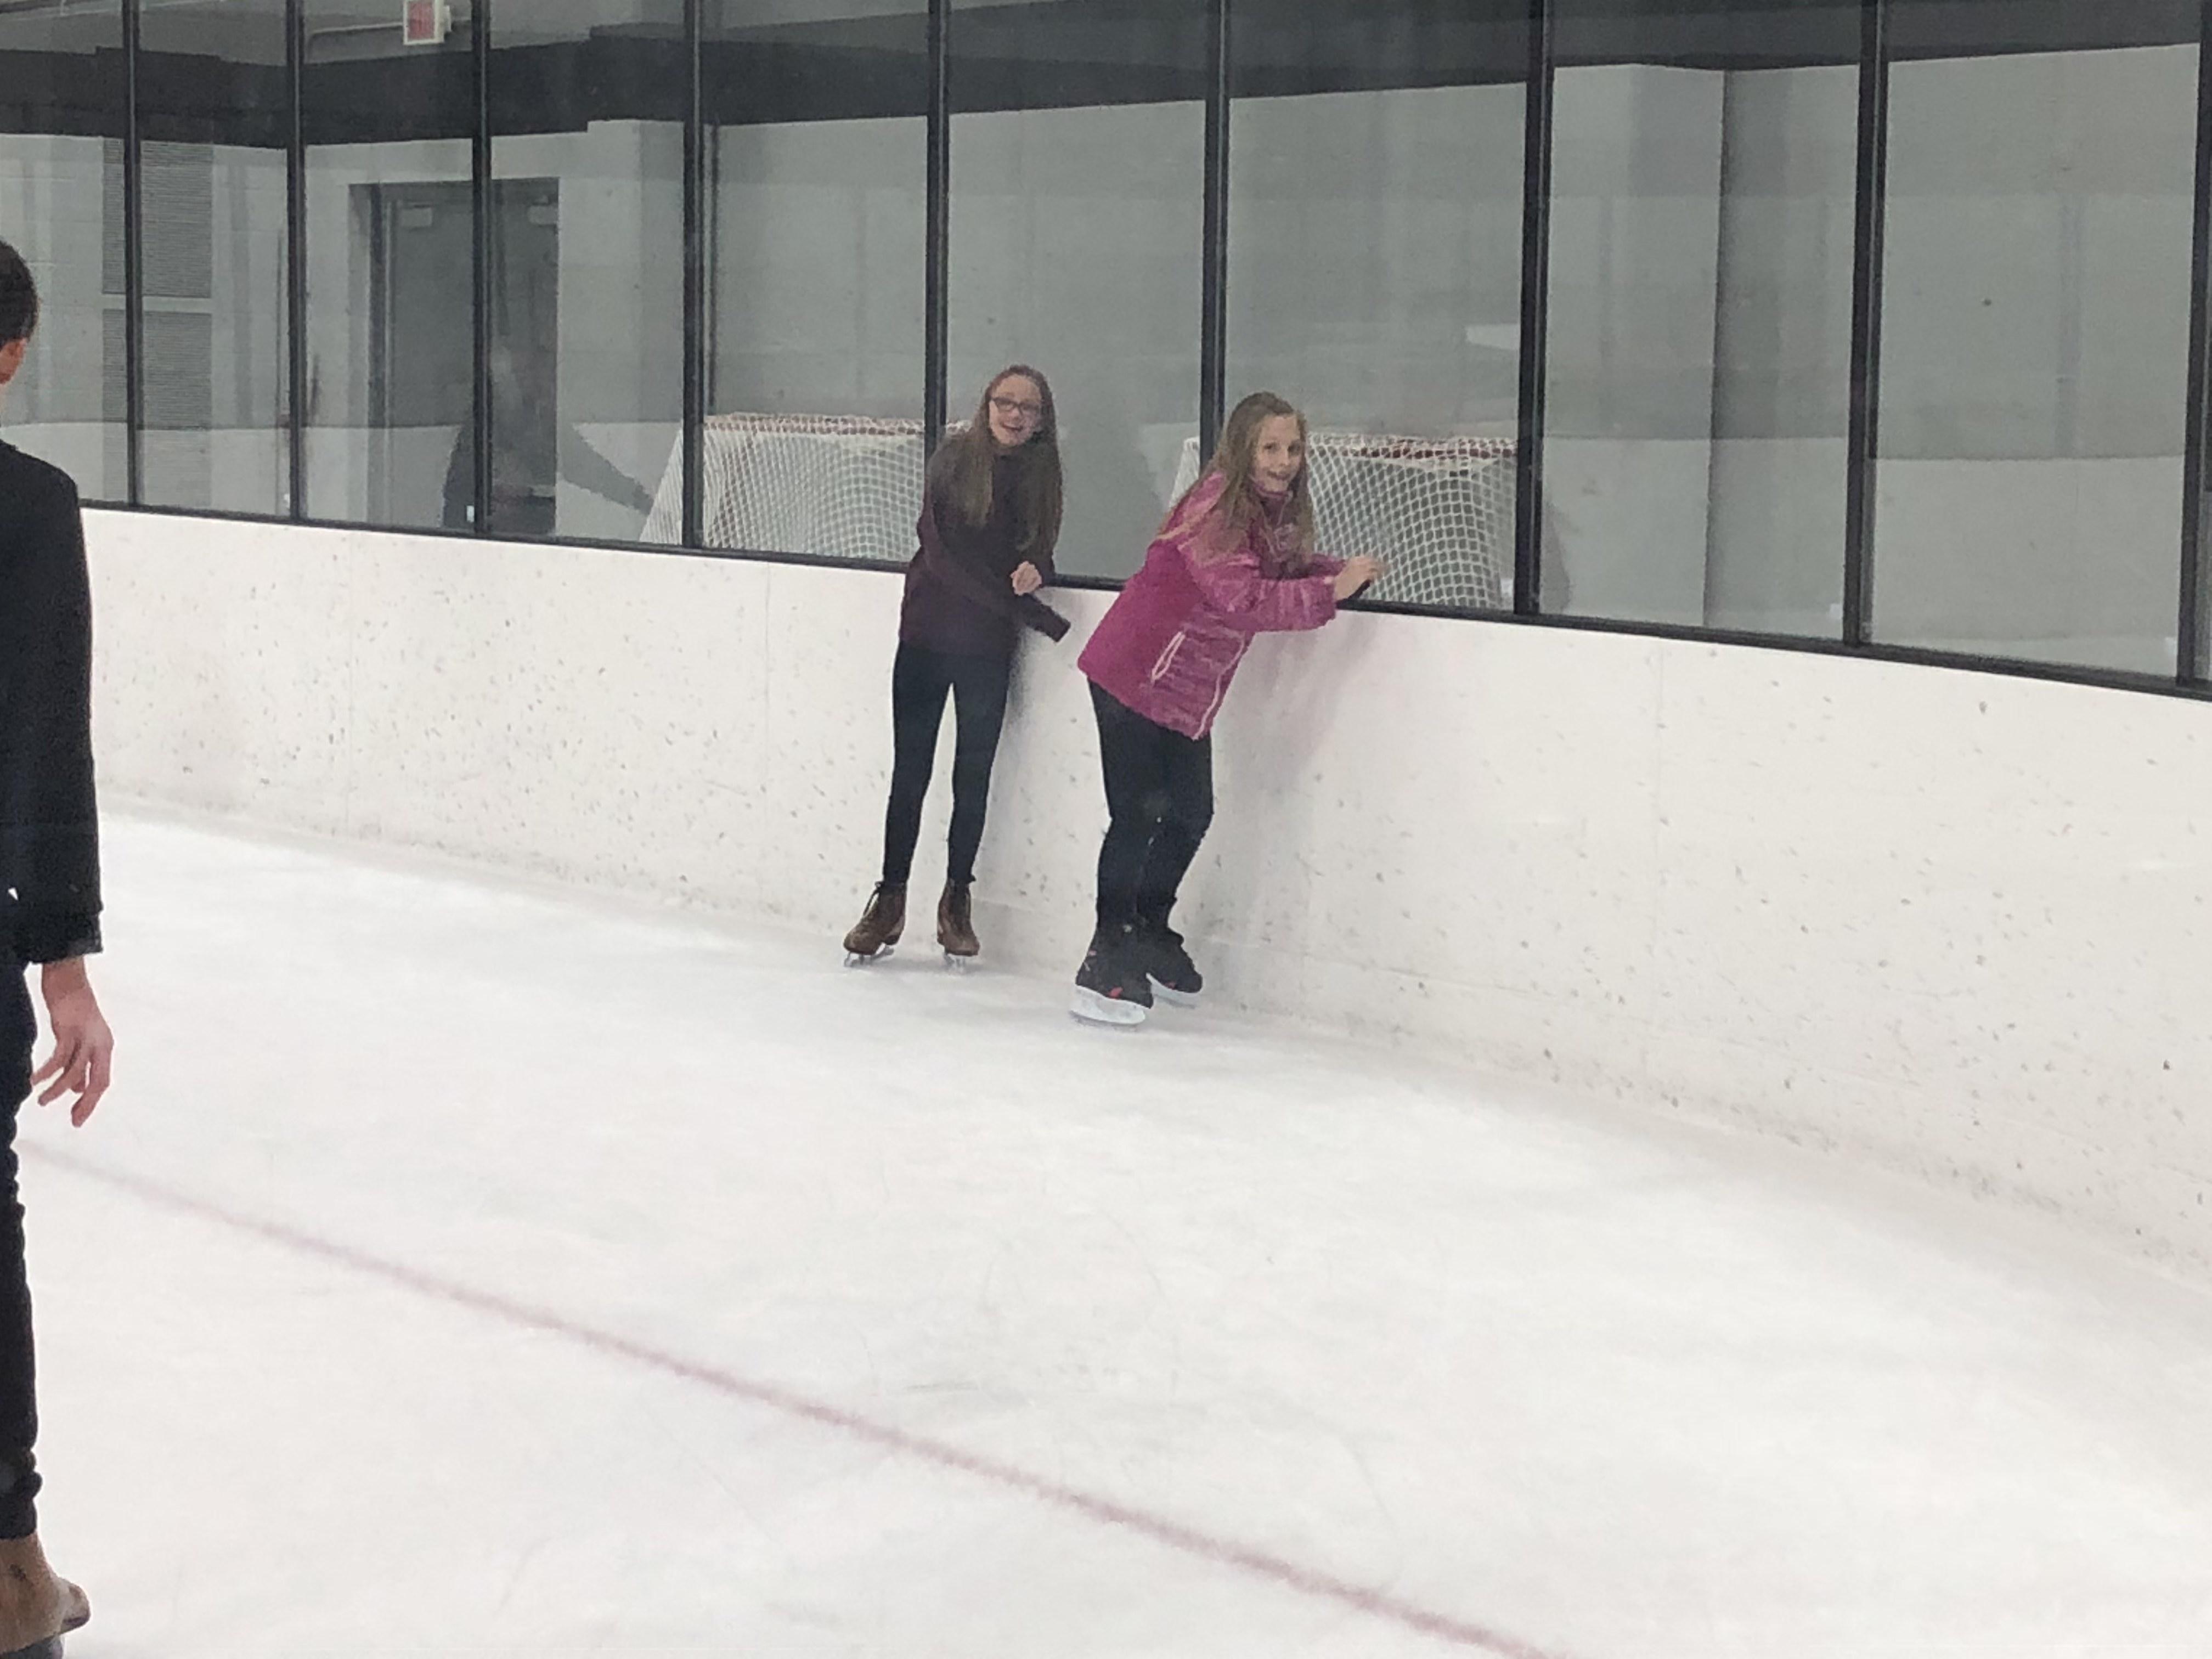 skating at mm 4